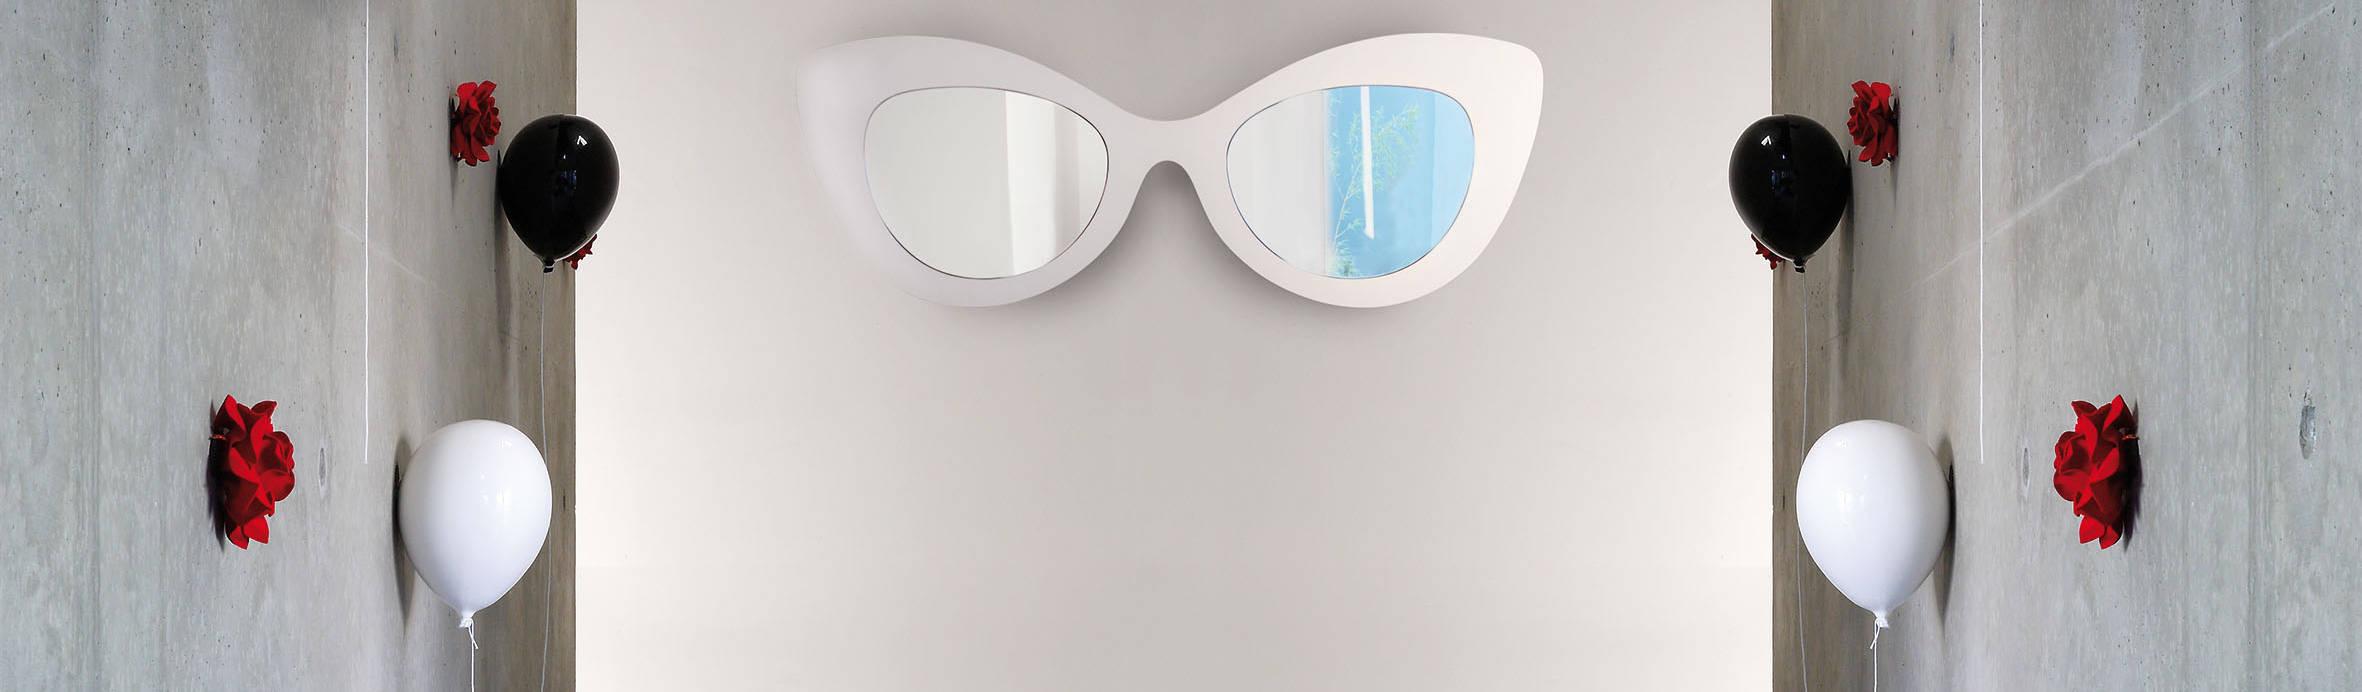 Creativando Srl—vendita on line oggetti design e complementi d'arredo